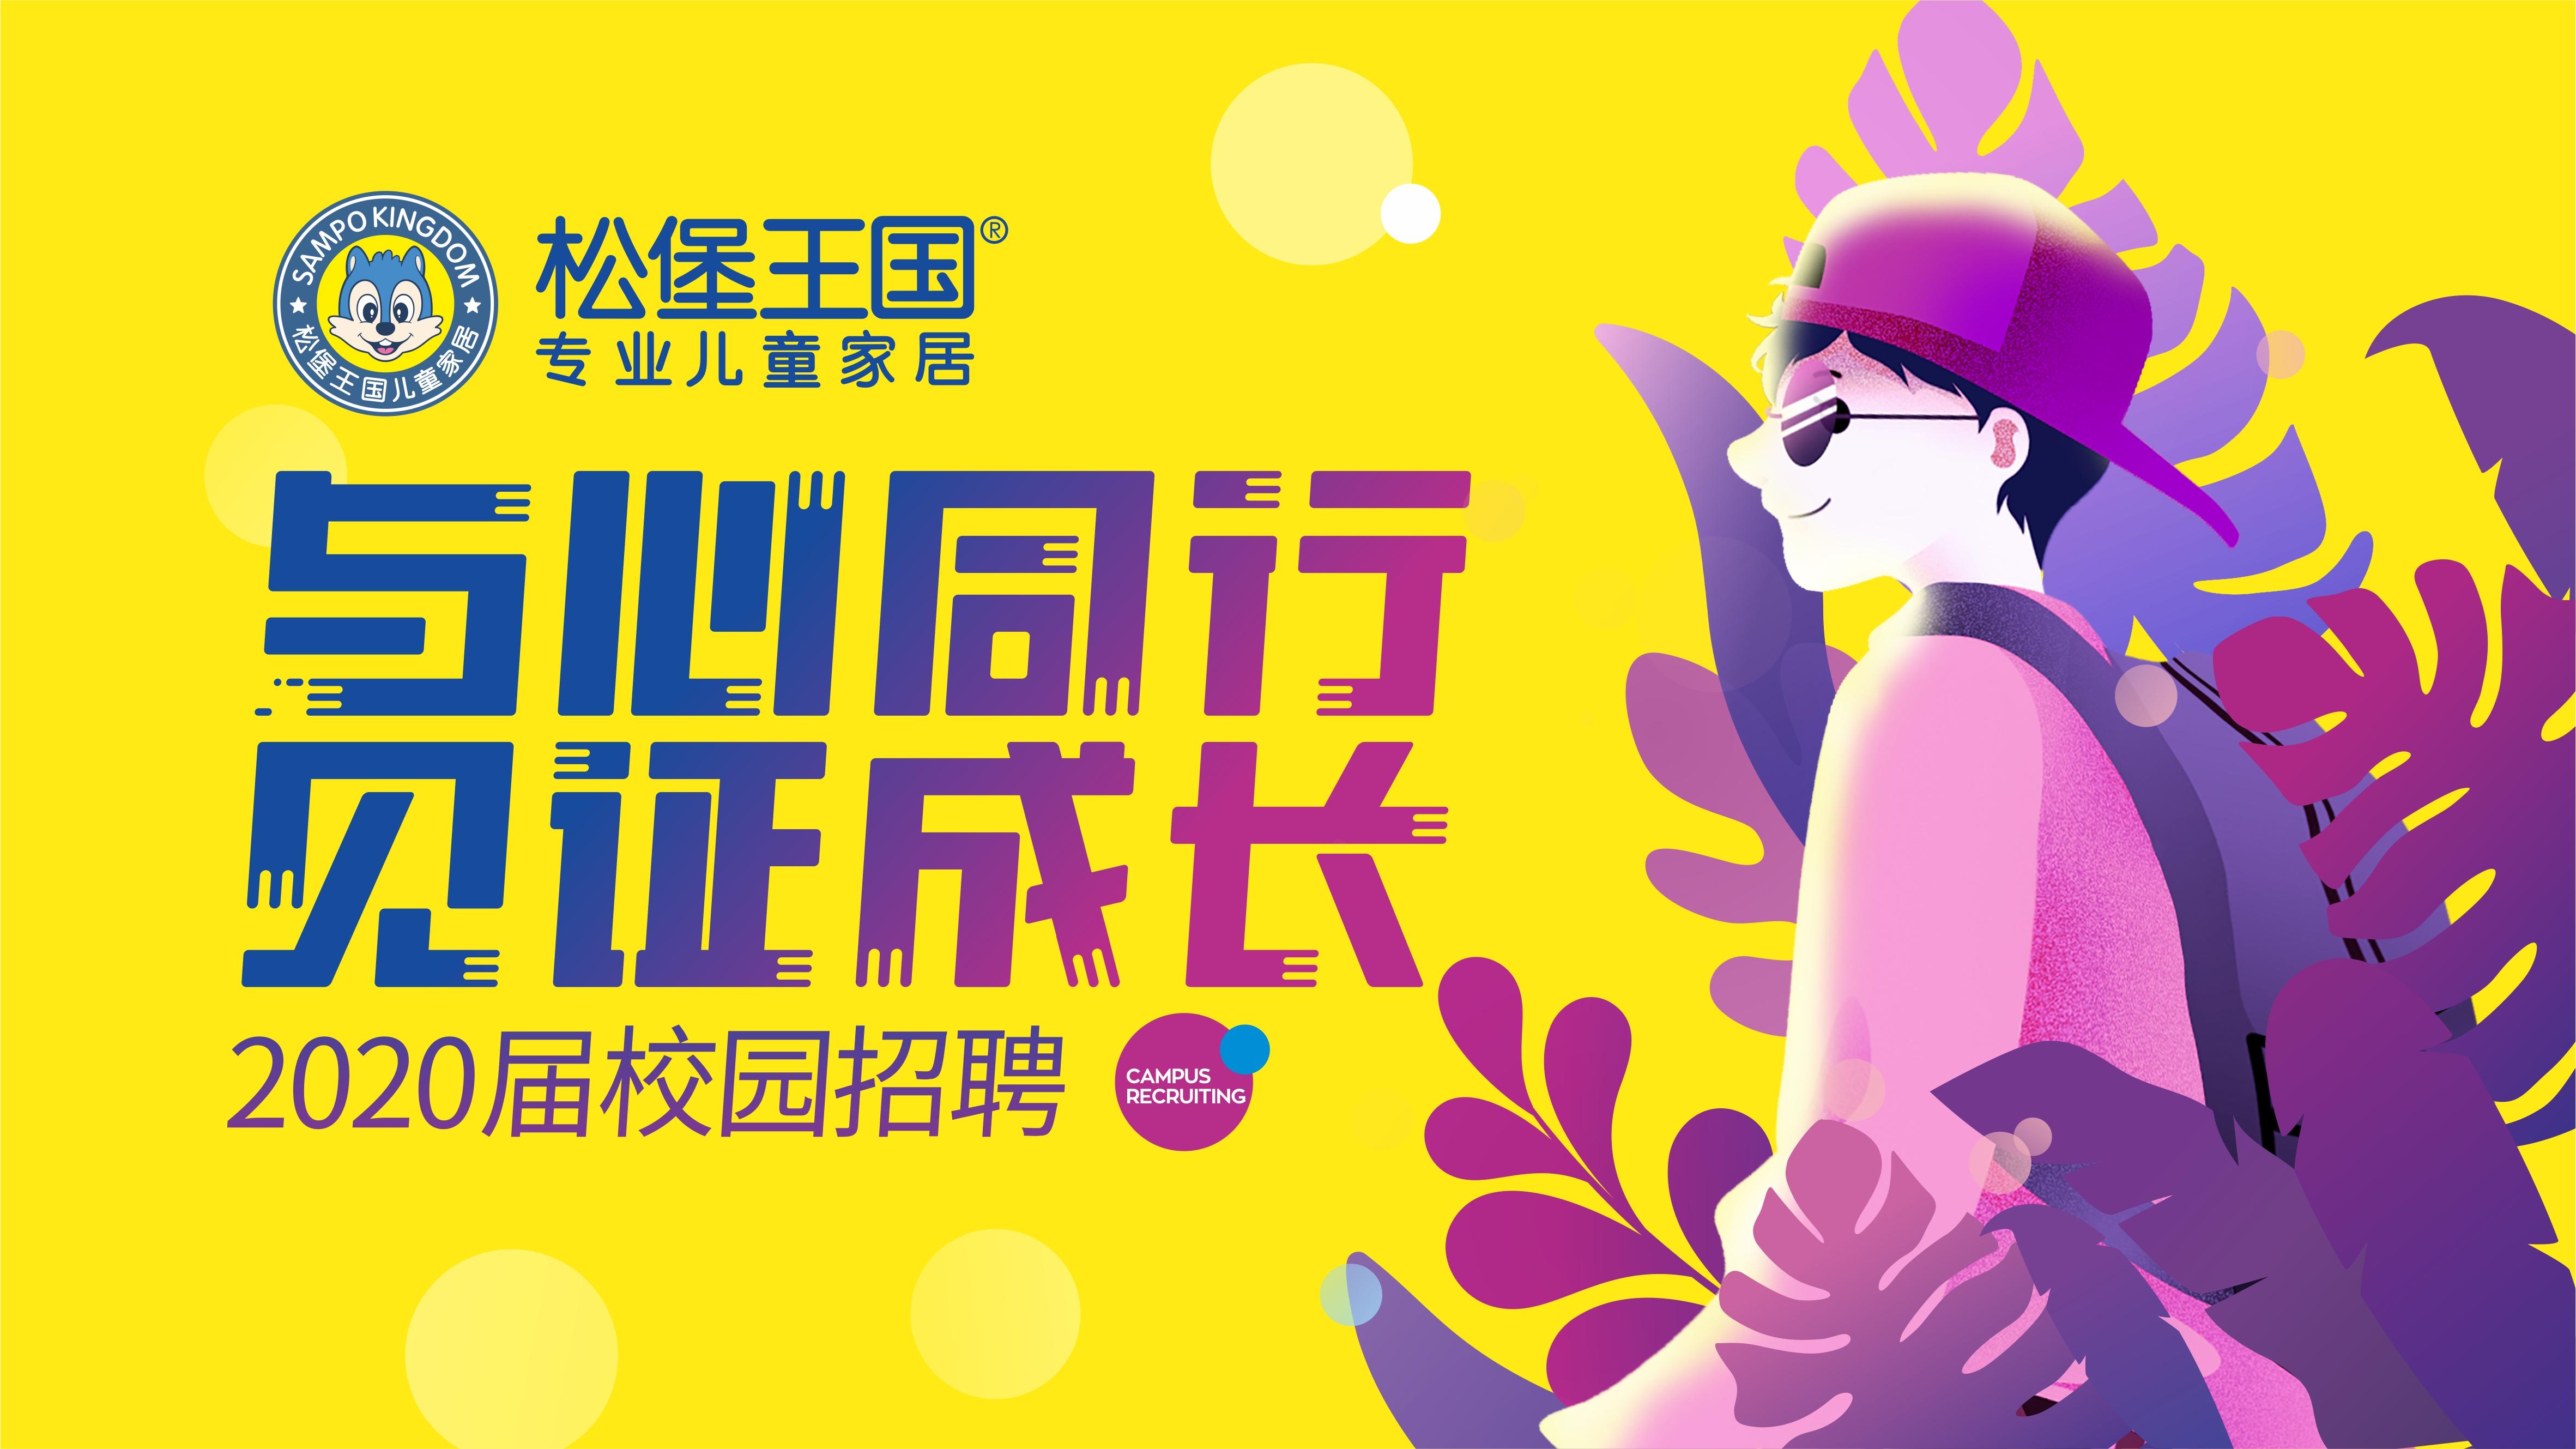 深圳市松堡王国家居有限公司宣讲会